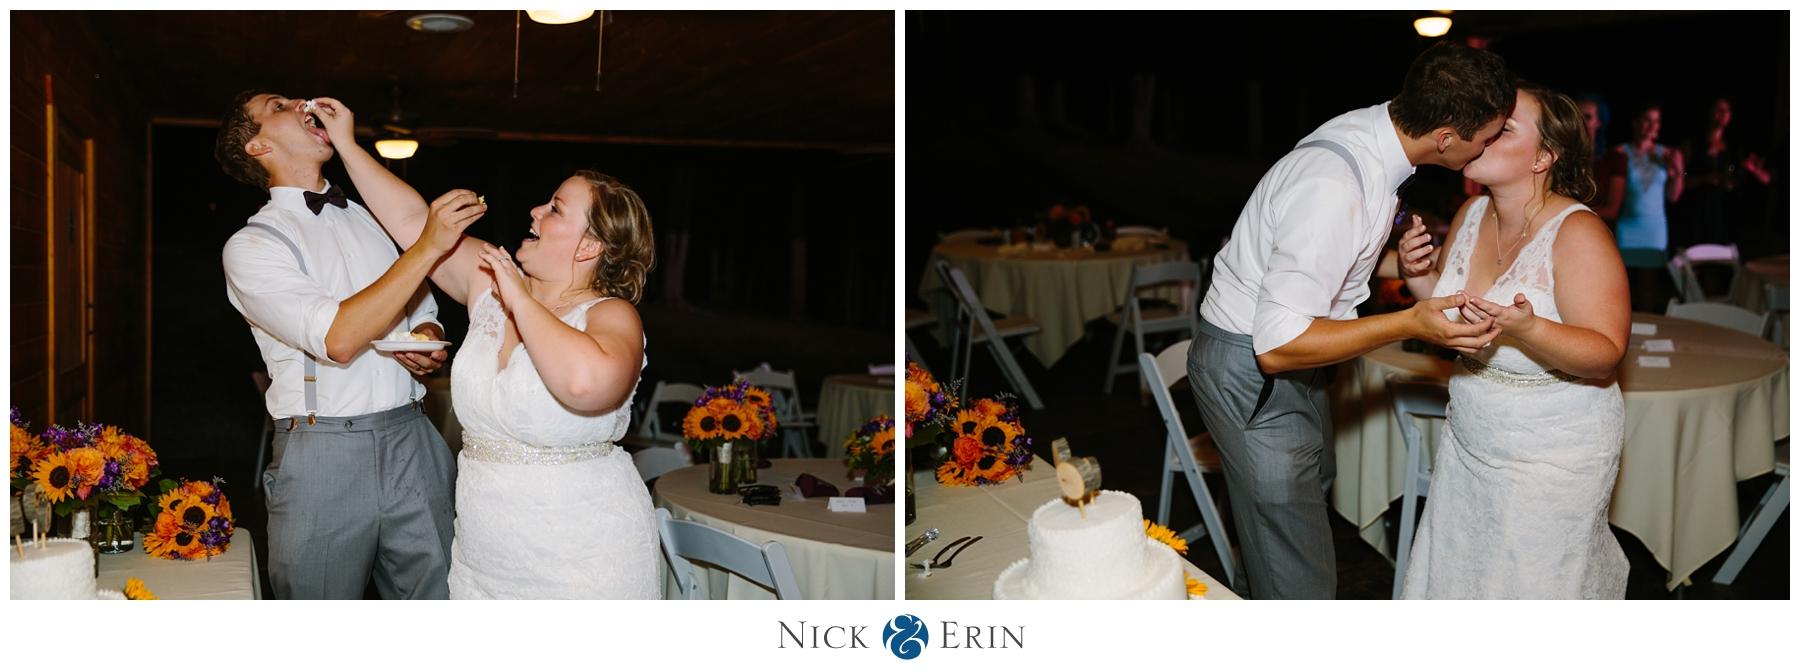 donner_photography_megan-corey-luray-virginia-wedding_0058